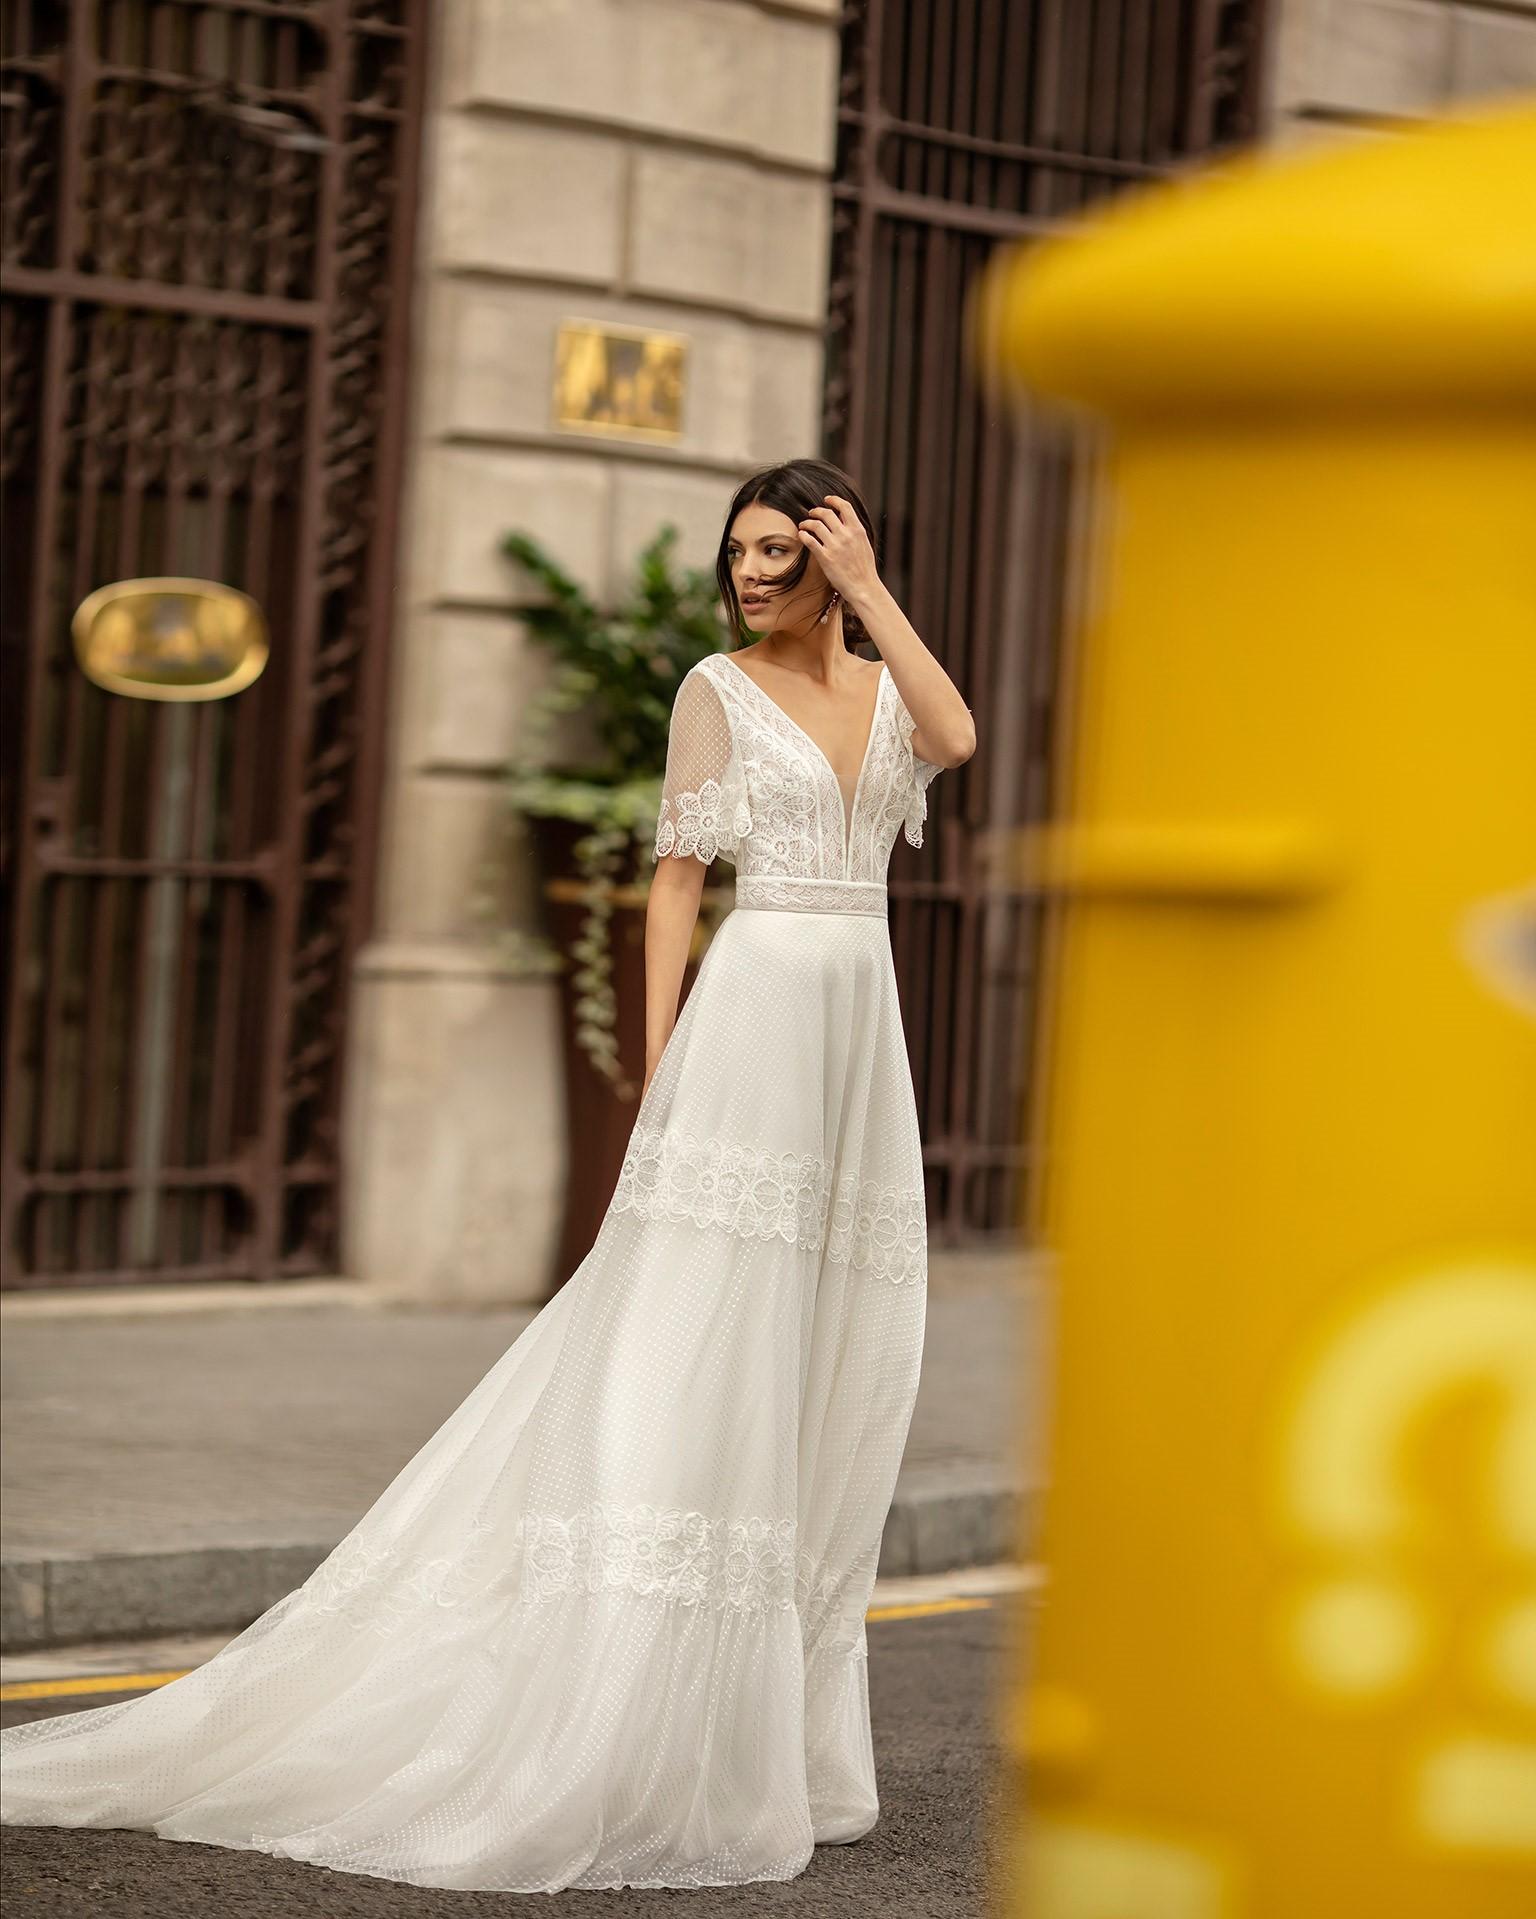 La dentelle de style bohème est généralement d'apparence plus rustique et, le plus souvent, elle est disponible dans des teintes blanches ou ivoire.